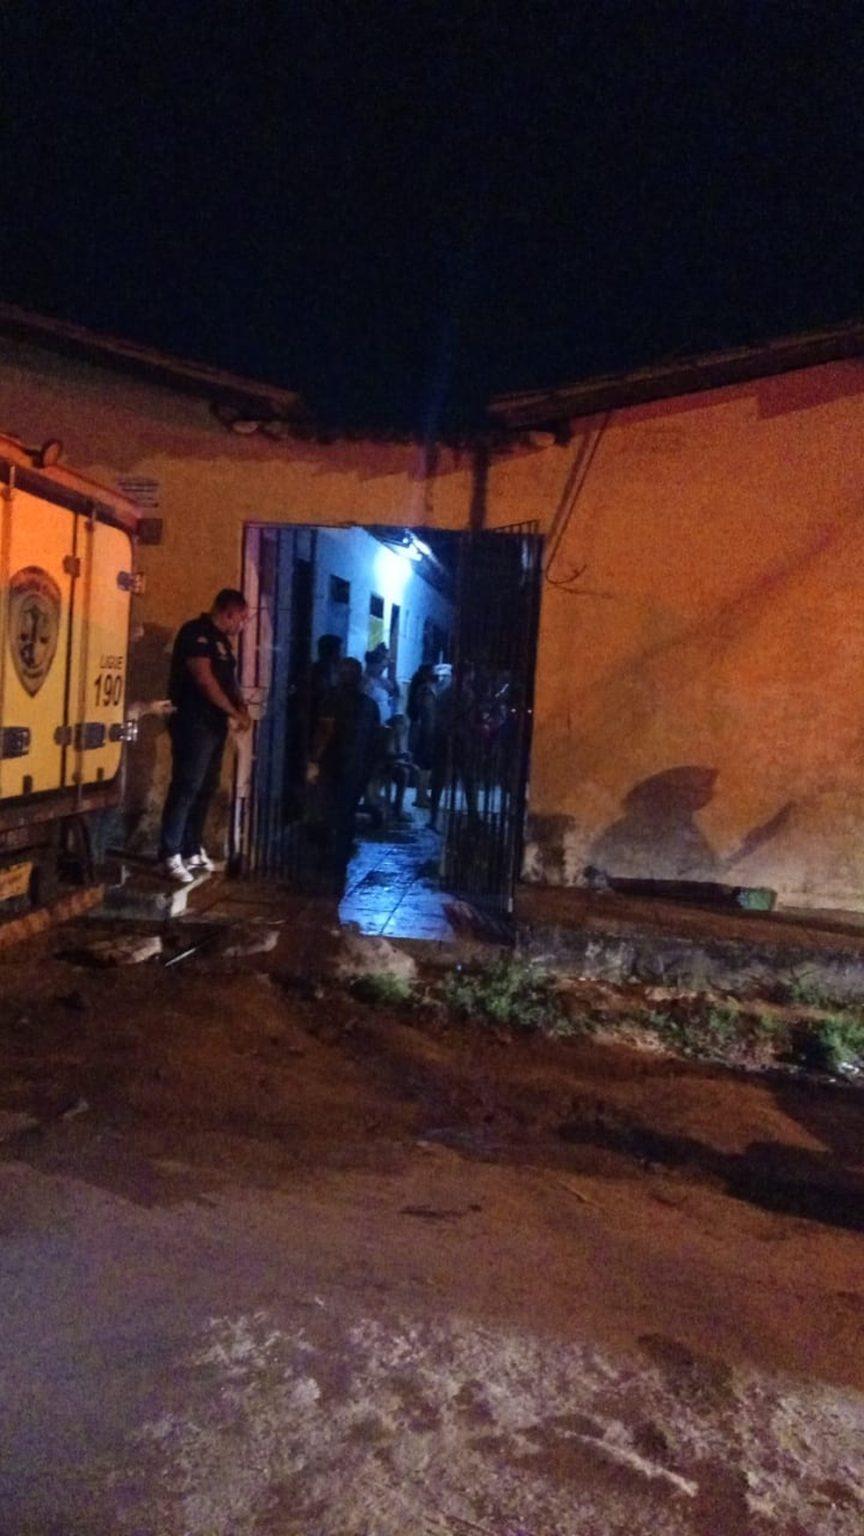 Criança de 8 anos é morta após incêndio em residência no bairro Cidade Operária, em São Luís. (Foto: Divulgação/ Polícia Militar do Maranhão)